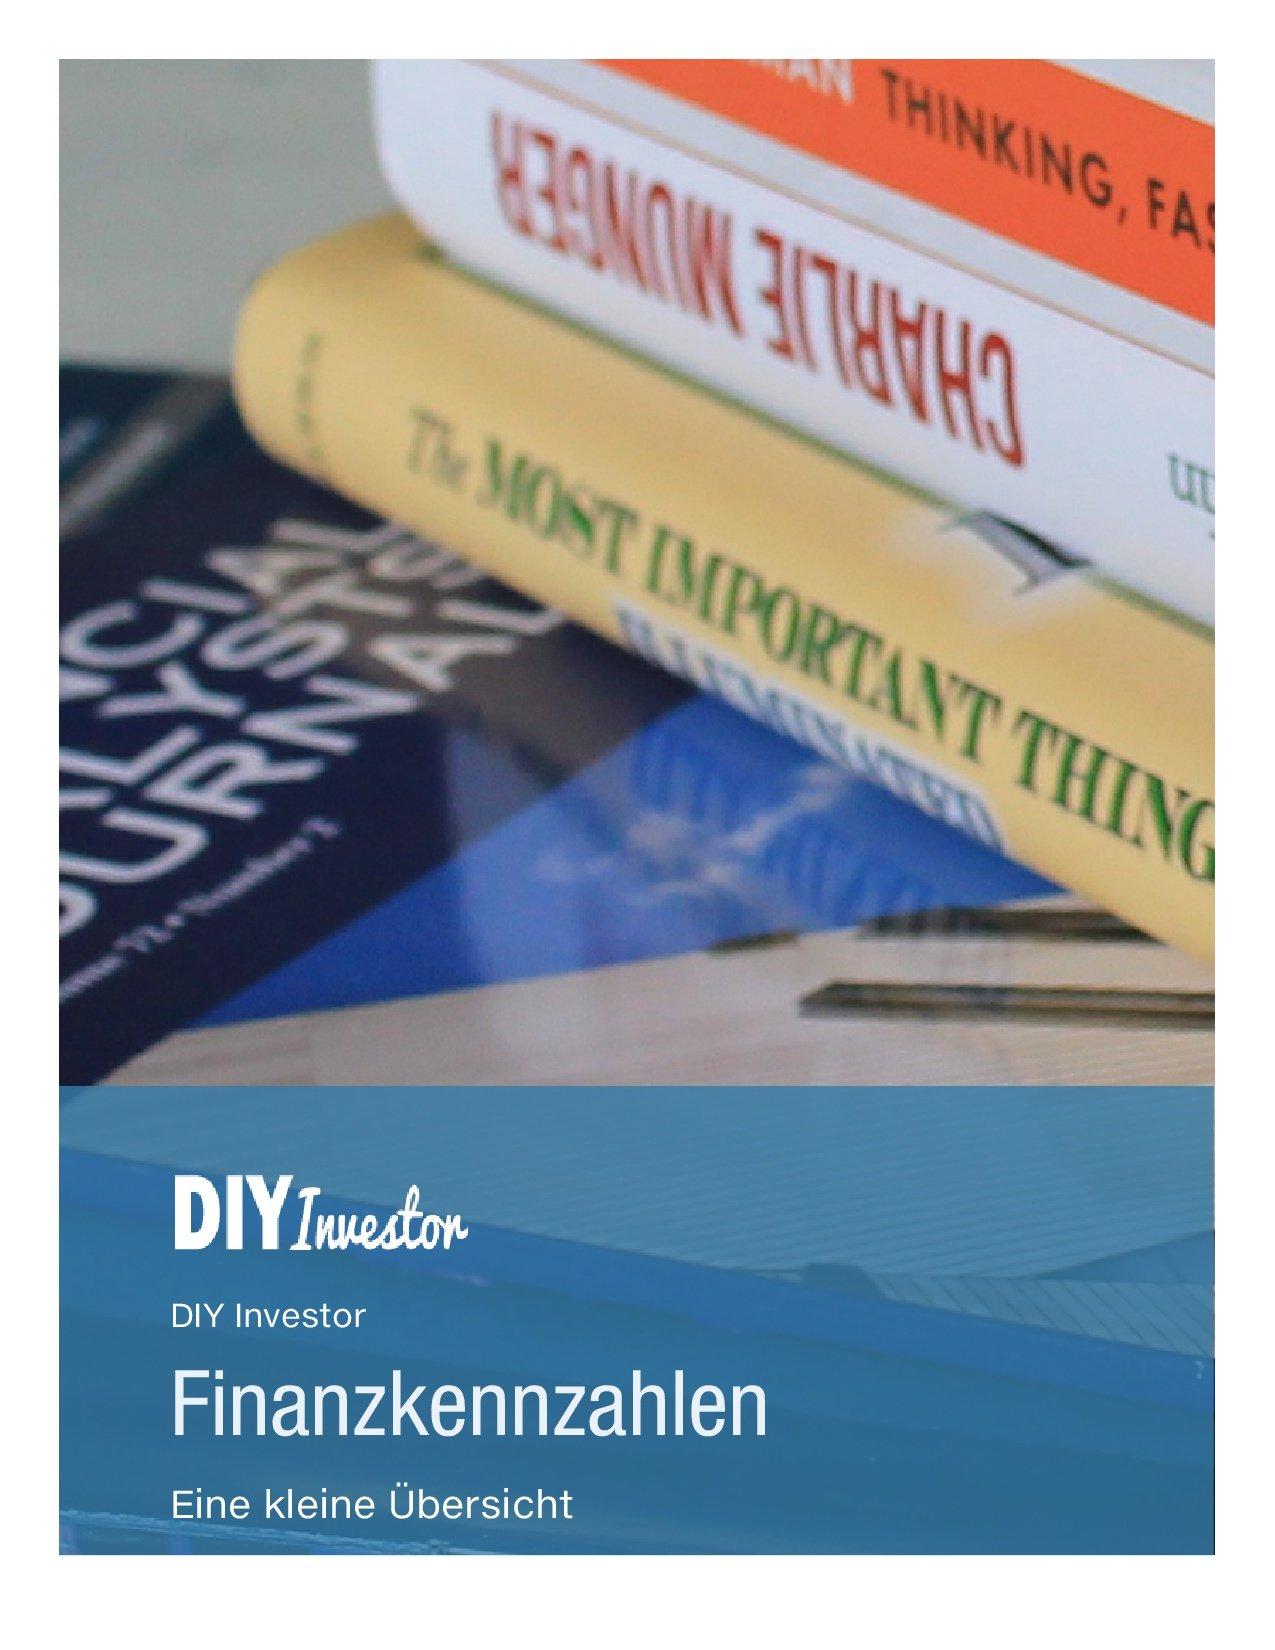 finanzkennzahlen-diy-investor-001